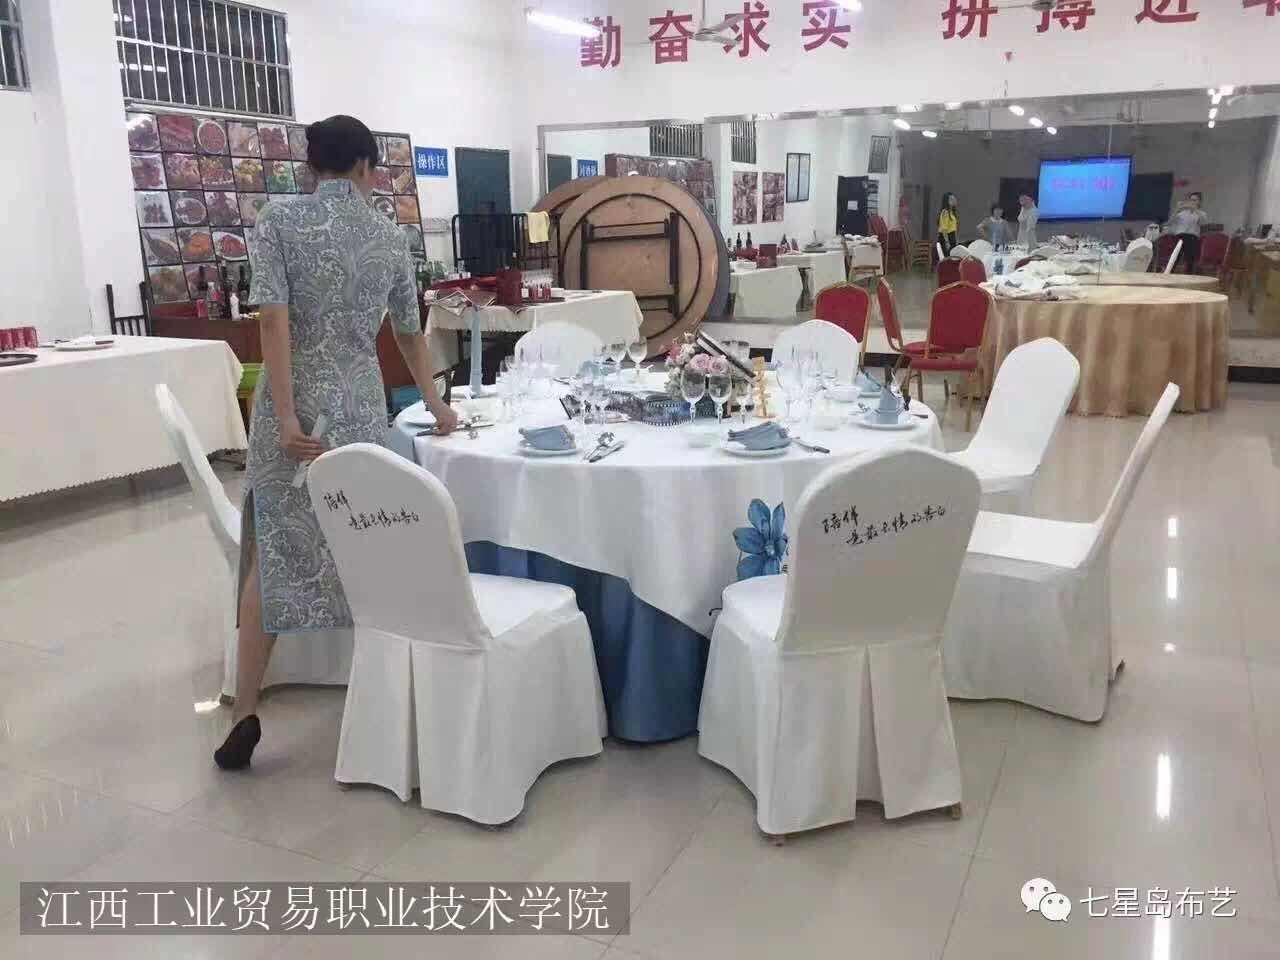 中餐主题宴会设计赛获奖名单